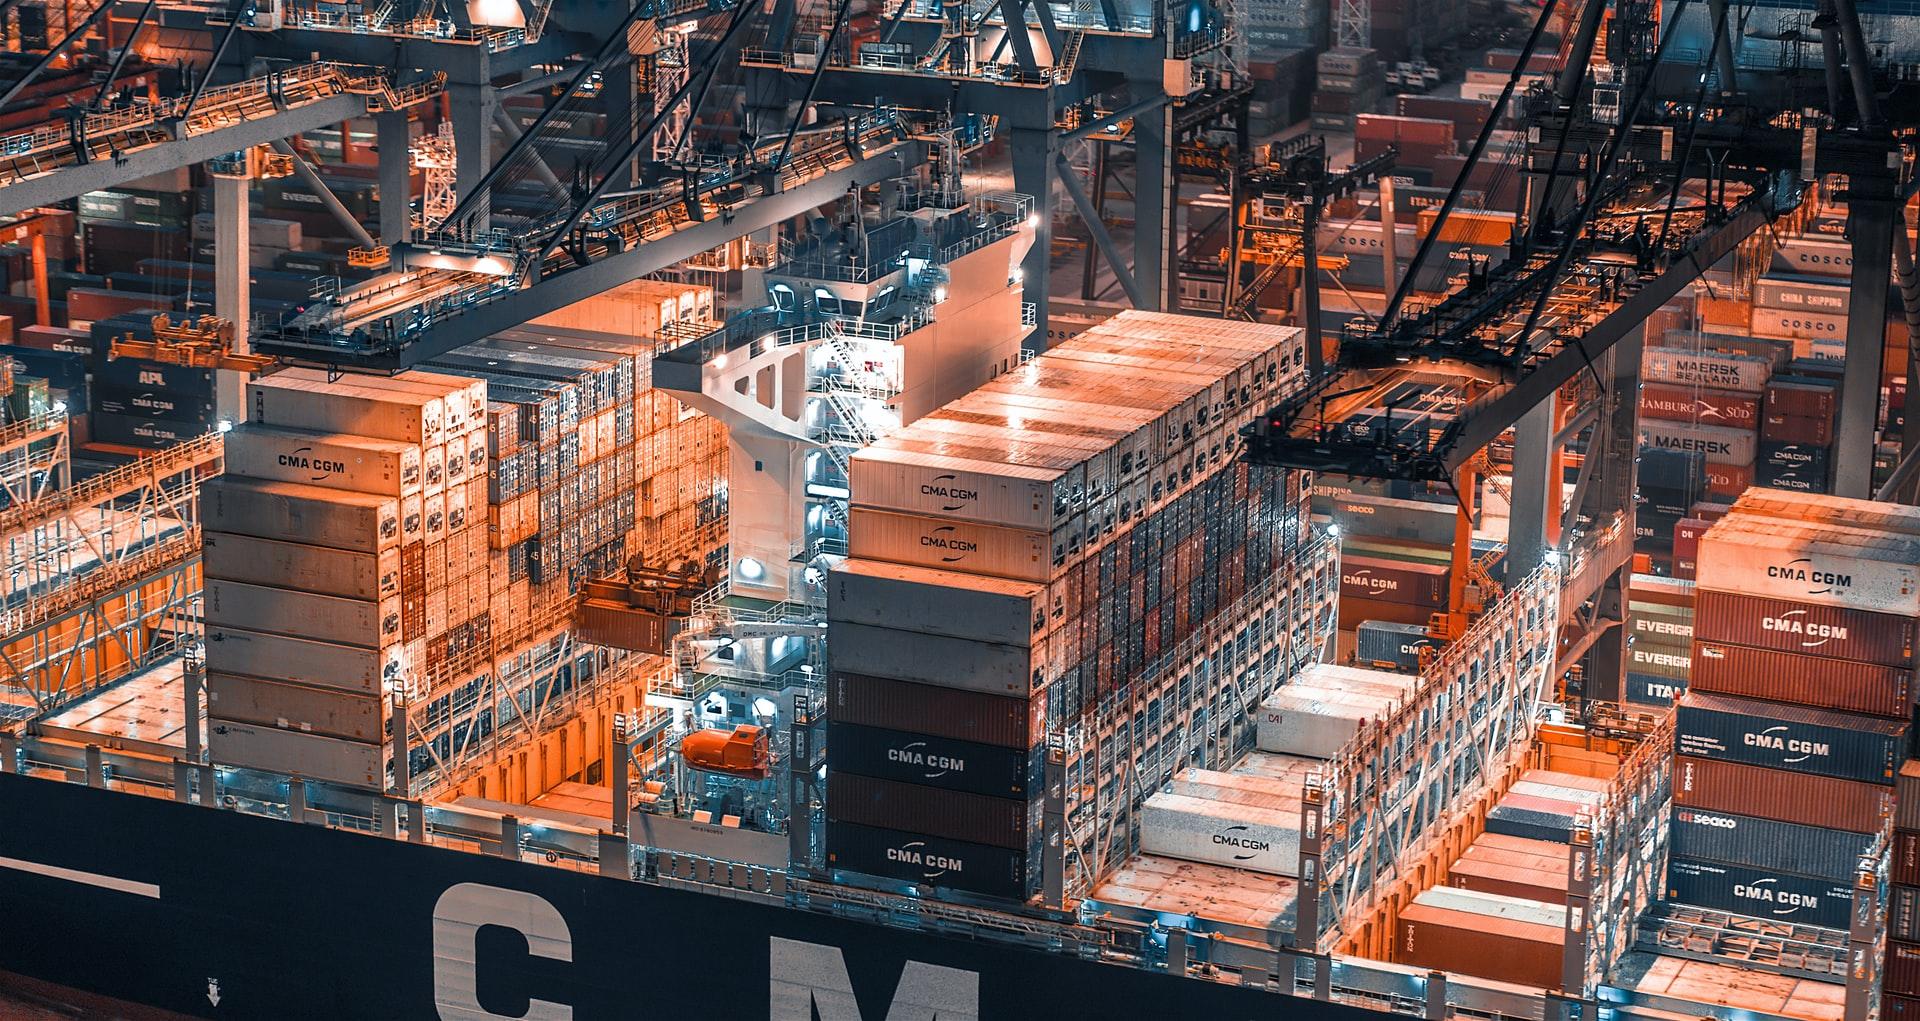 Amazon FBA wholesale business model